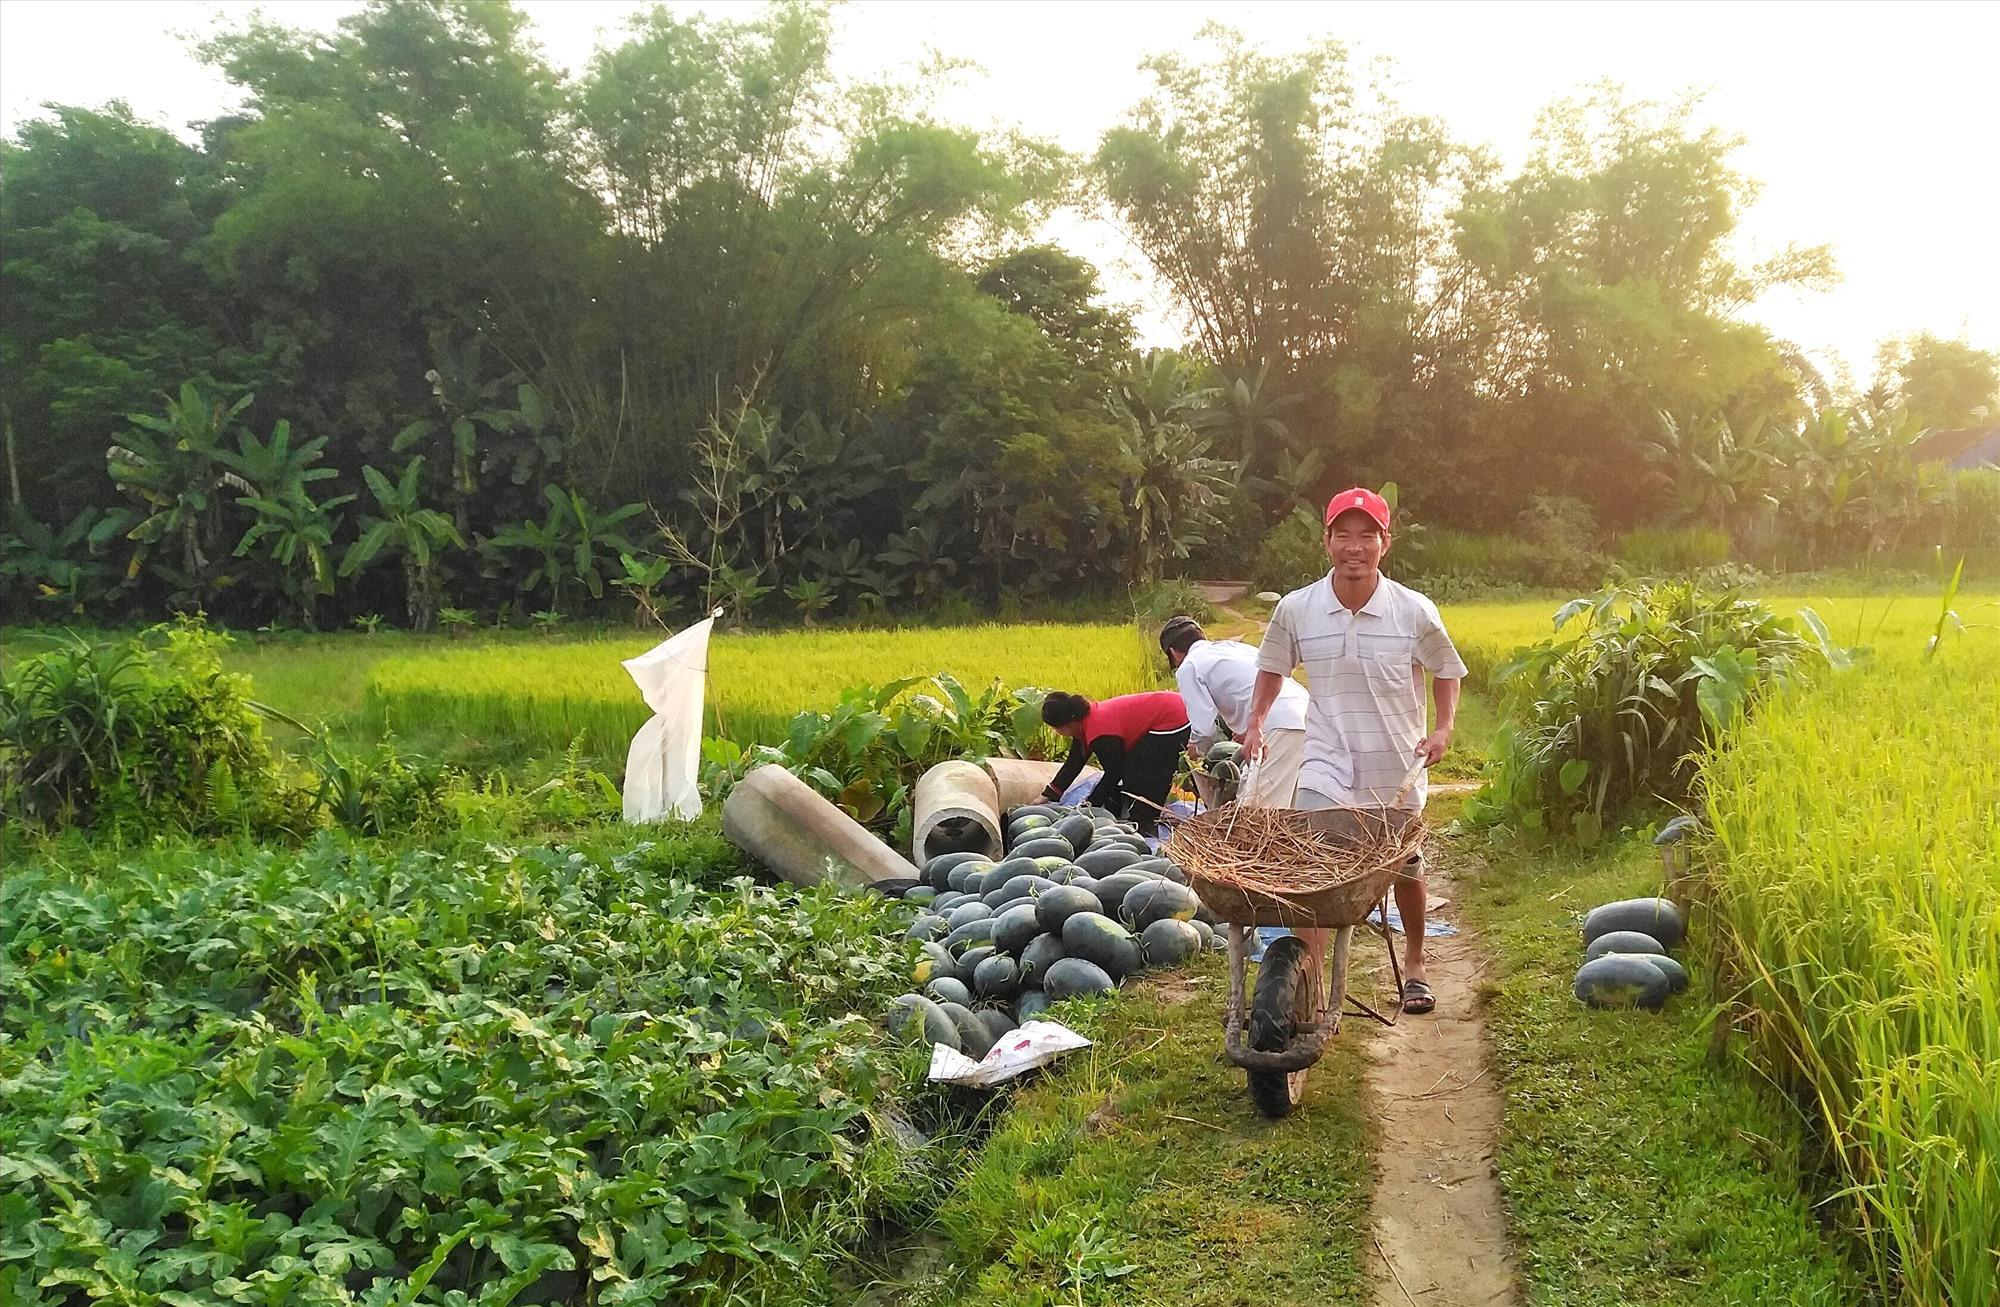 Đang vào vụ thu hoạch nhưng giá dưa hấu biến động từng ngày khiến người nông dân không khỏi lo lắng. Ảnh: M.L